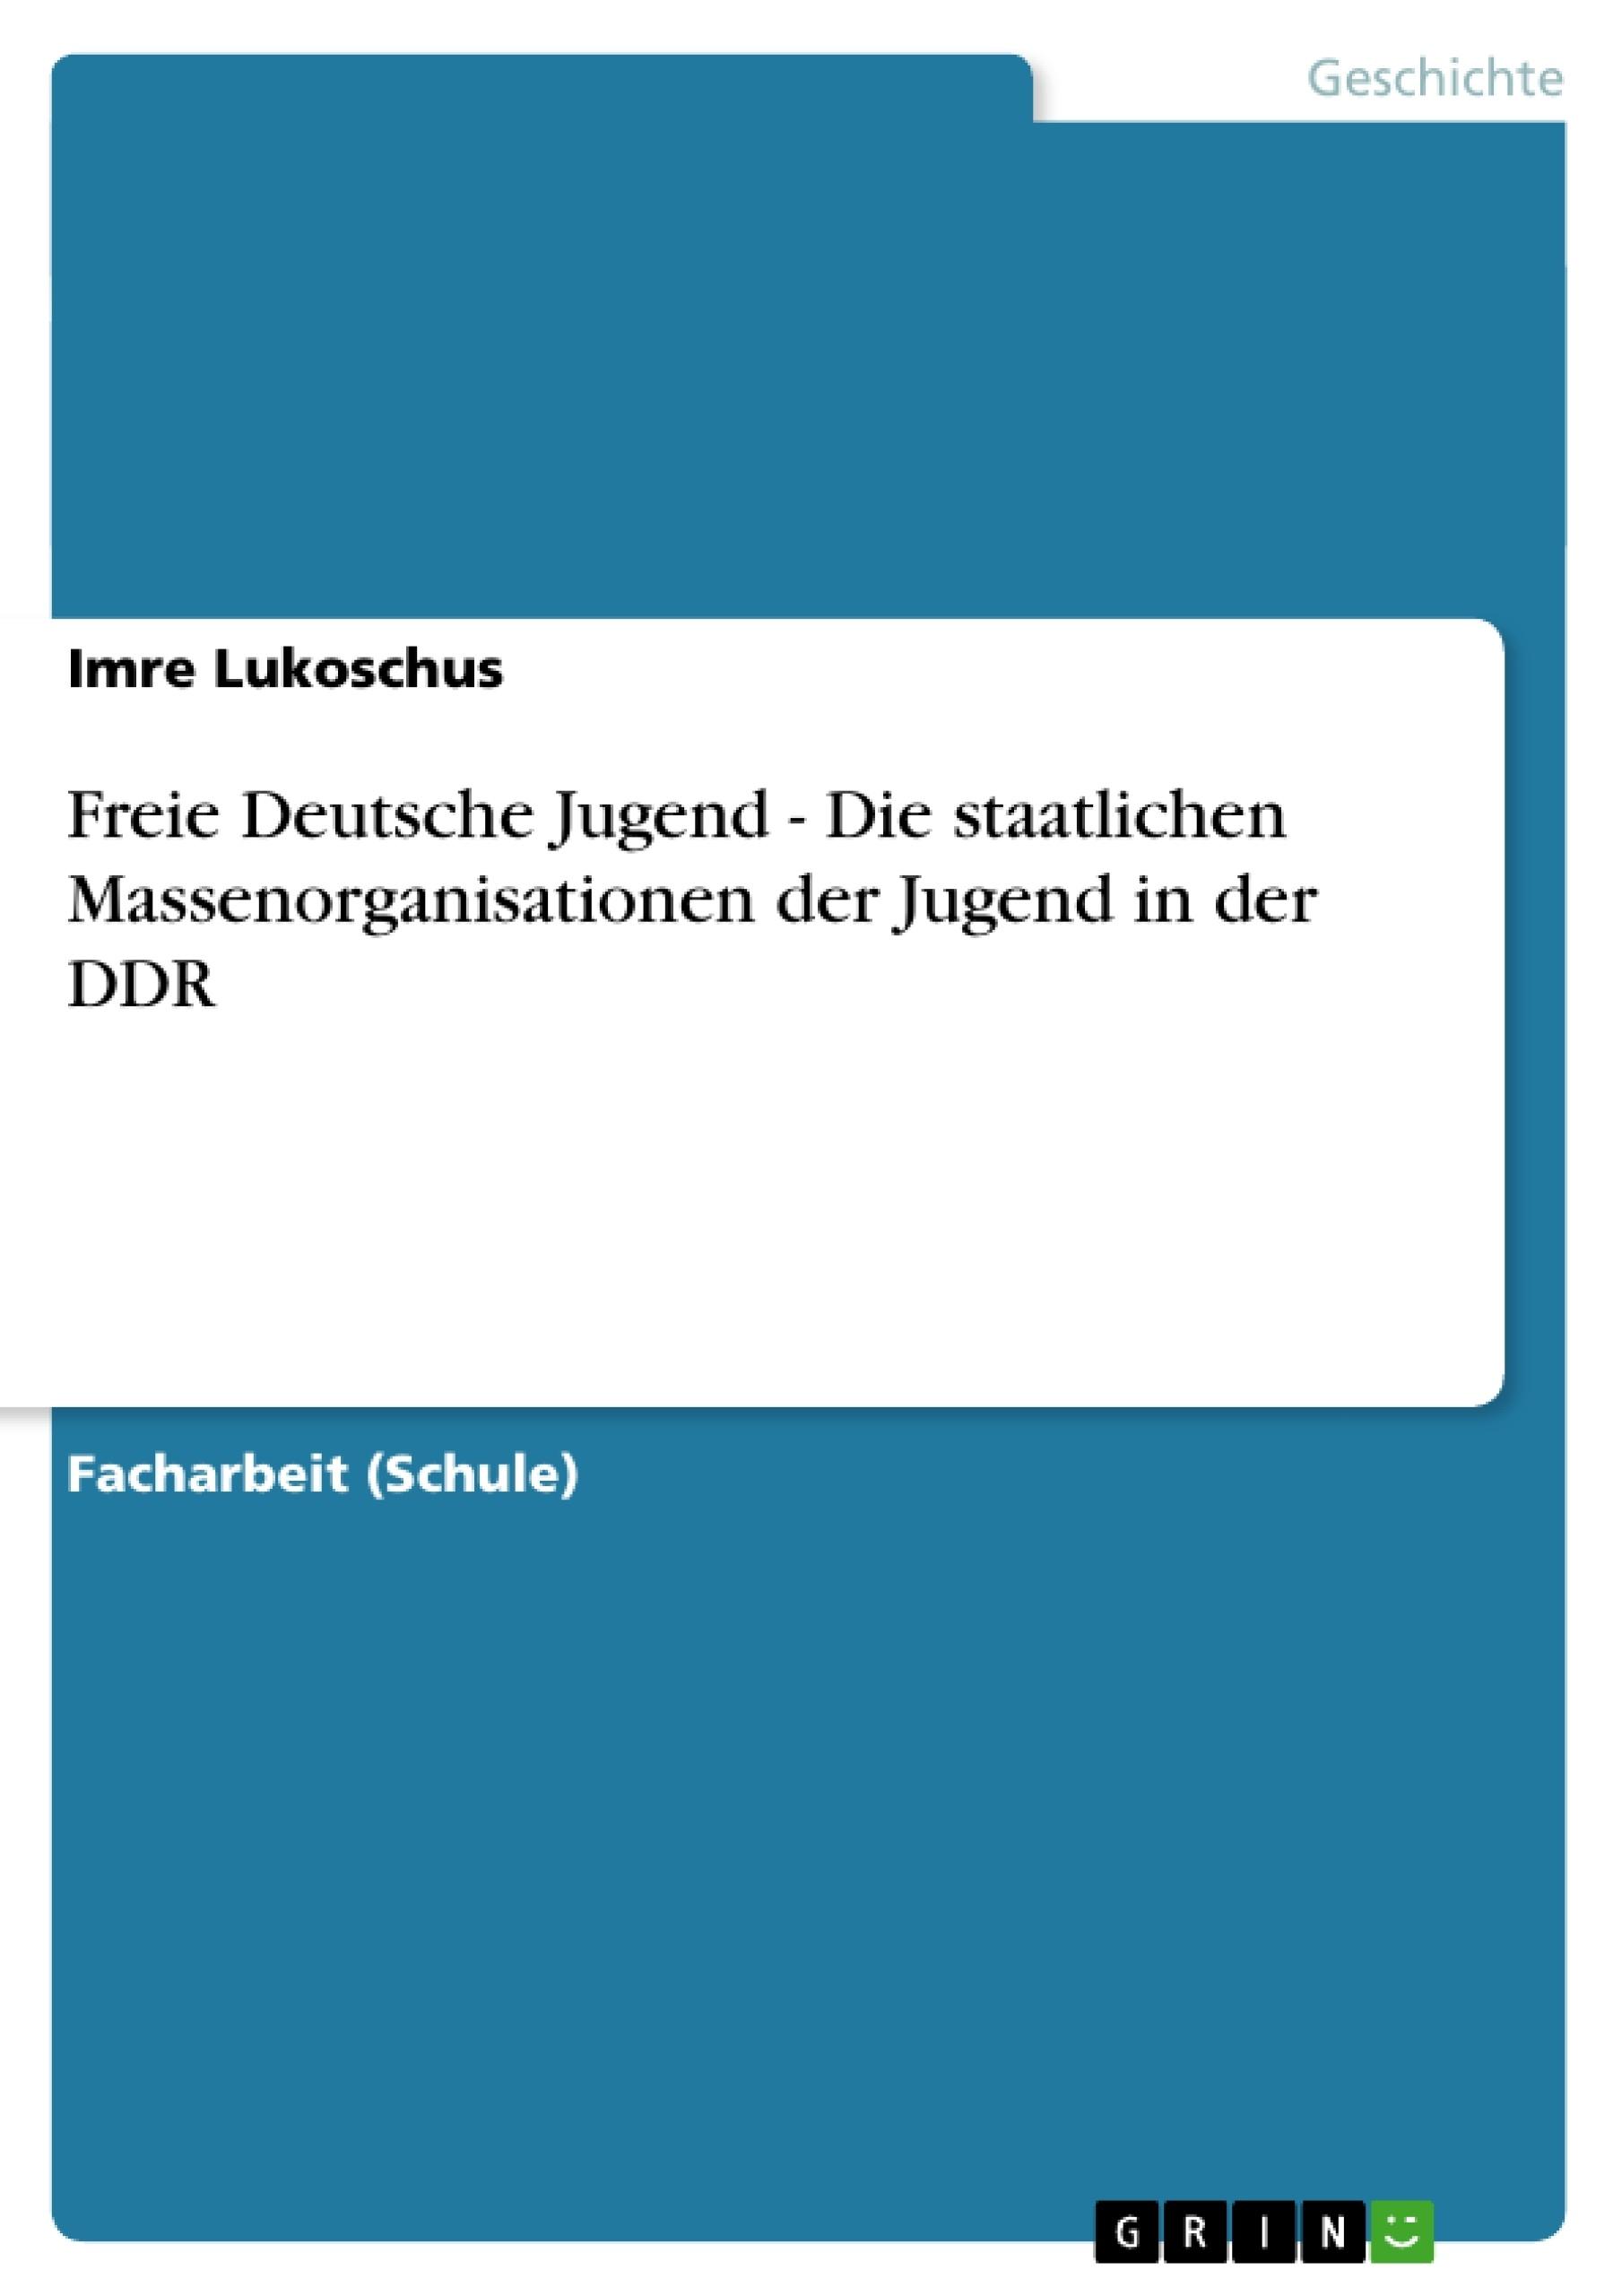 Titel: Freie Deutsche Jugend - Die staatlichen Massenorganisationen der Jugend in der DDR